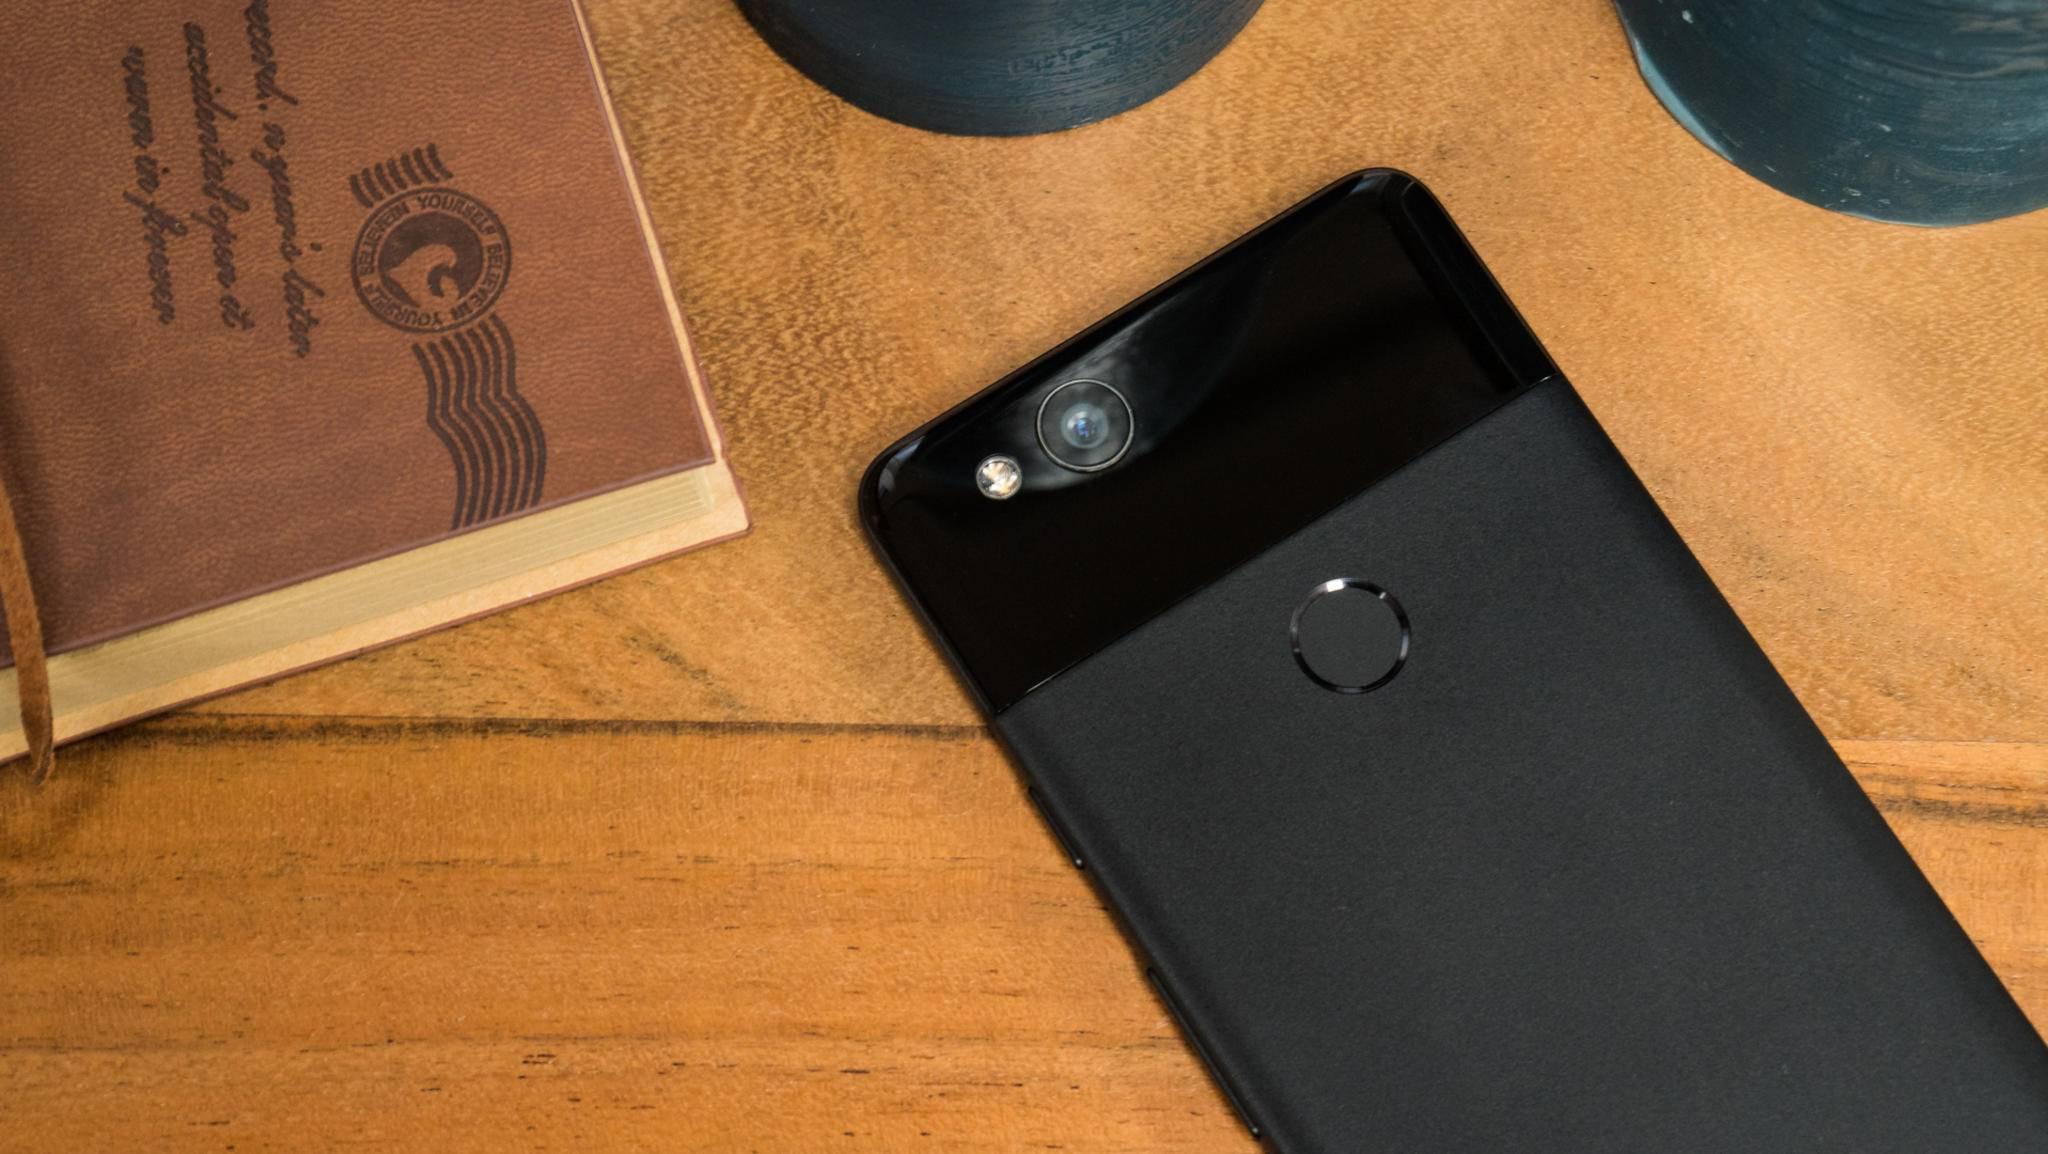 Hauptargument für das Pixel 2 ist seine ausgezeichnete Kamera.